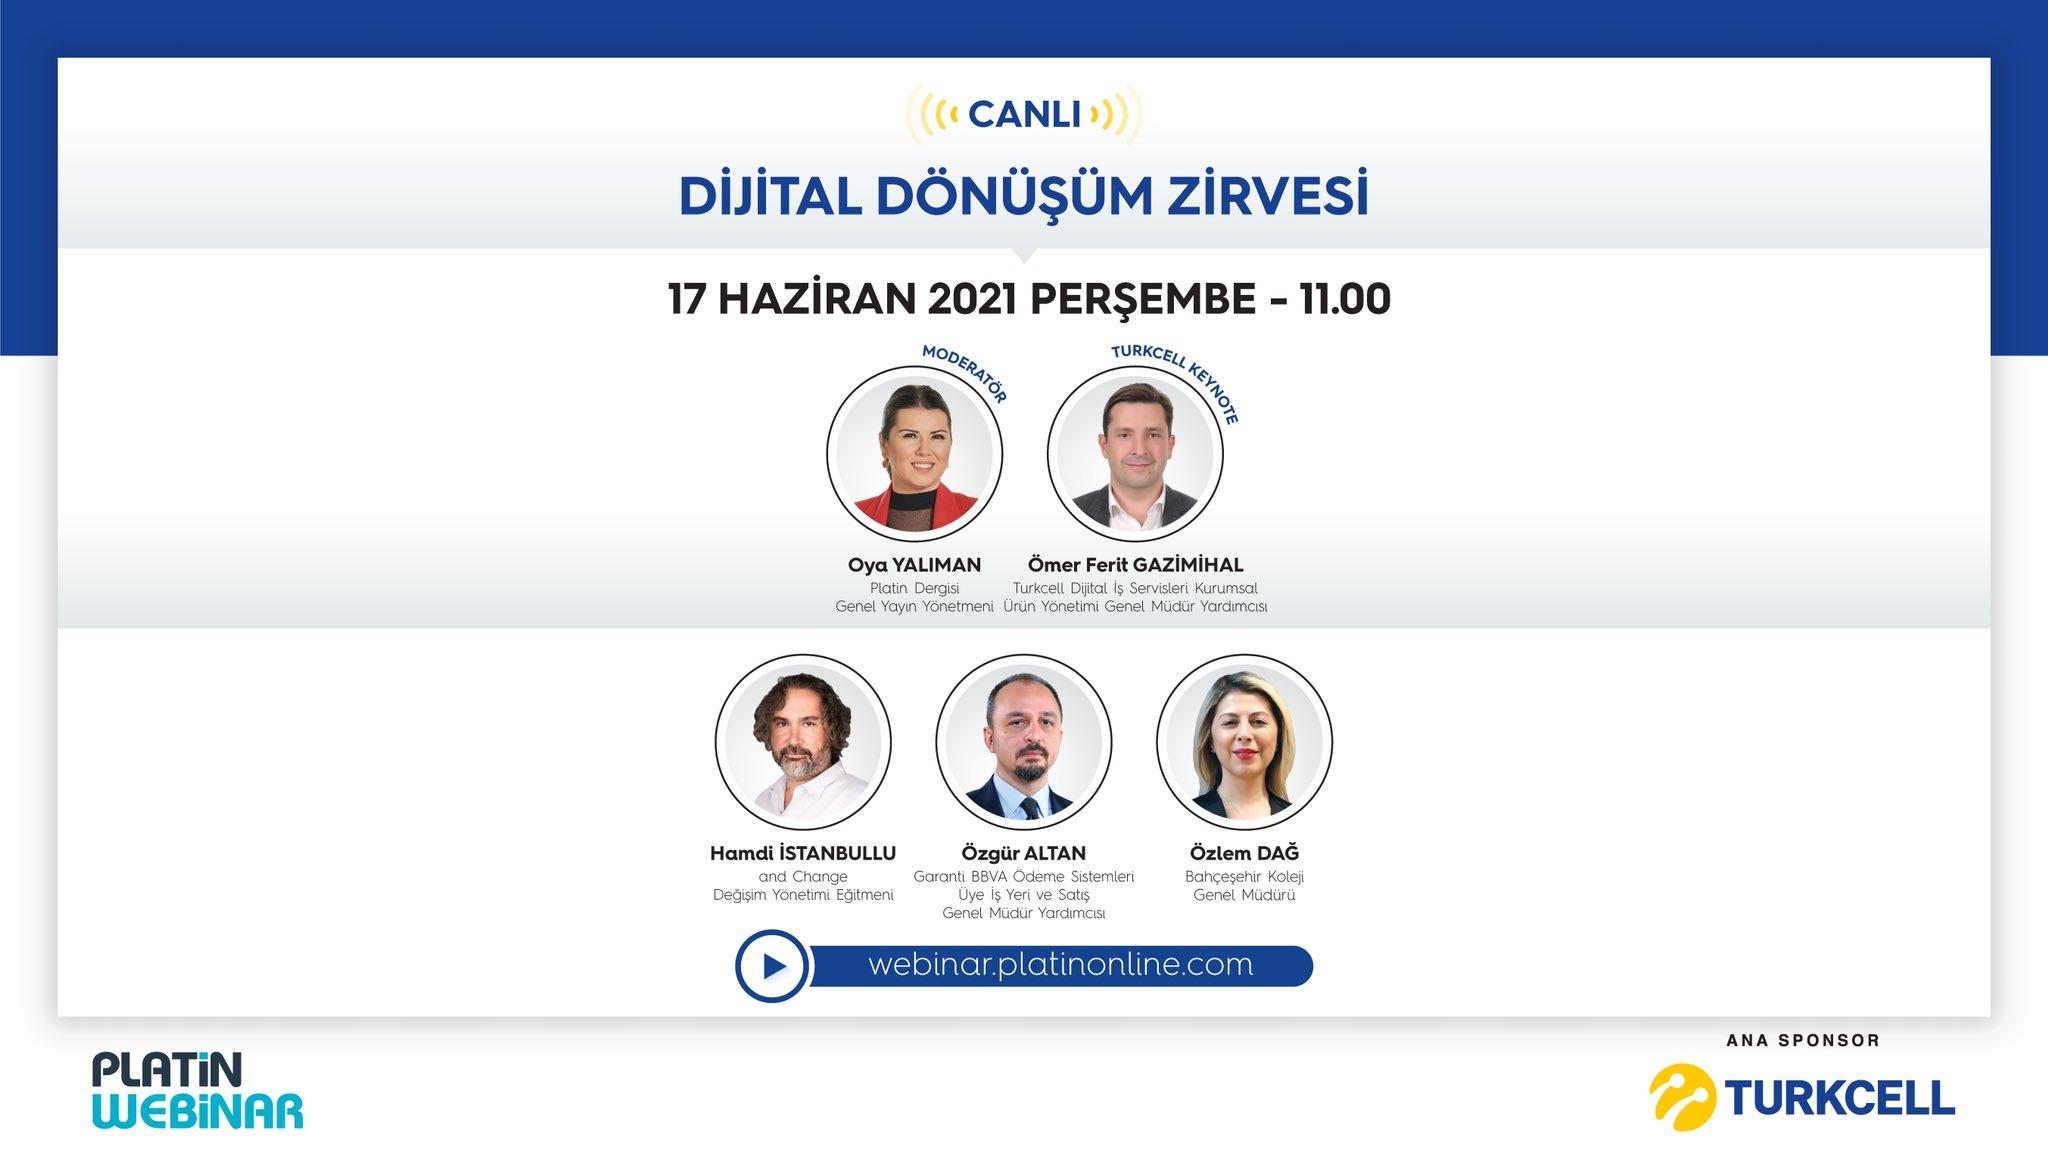 Turkcell sponsorluğunda Dijital Dönüşüm Zirvesi gerçekleşecek